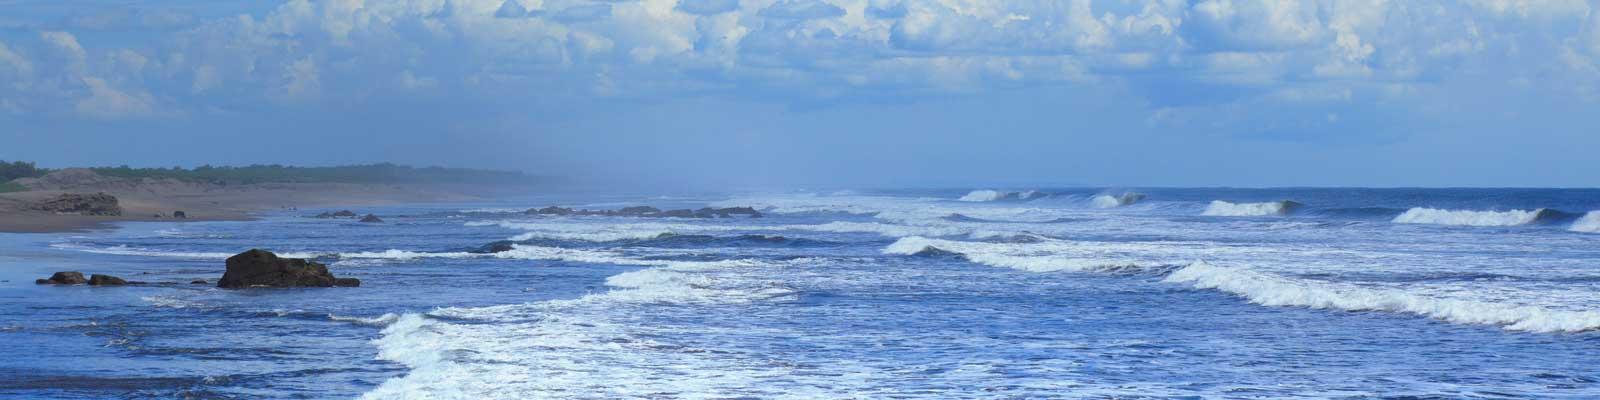 Nicaragua Immobilien - Häuser, Wohnungen, Landsitze - Kaufen, Mieten, Investieren